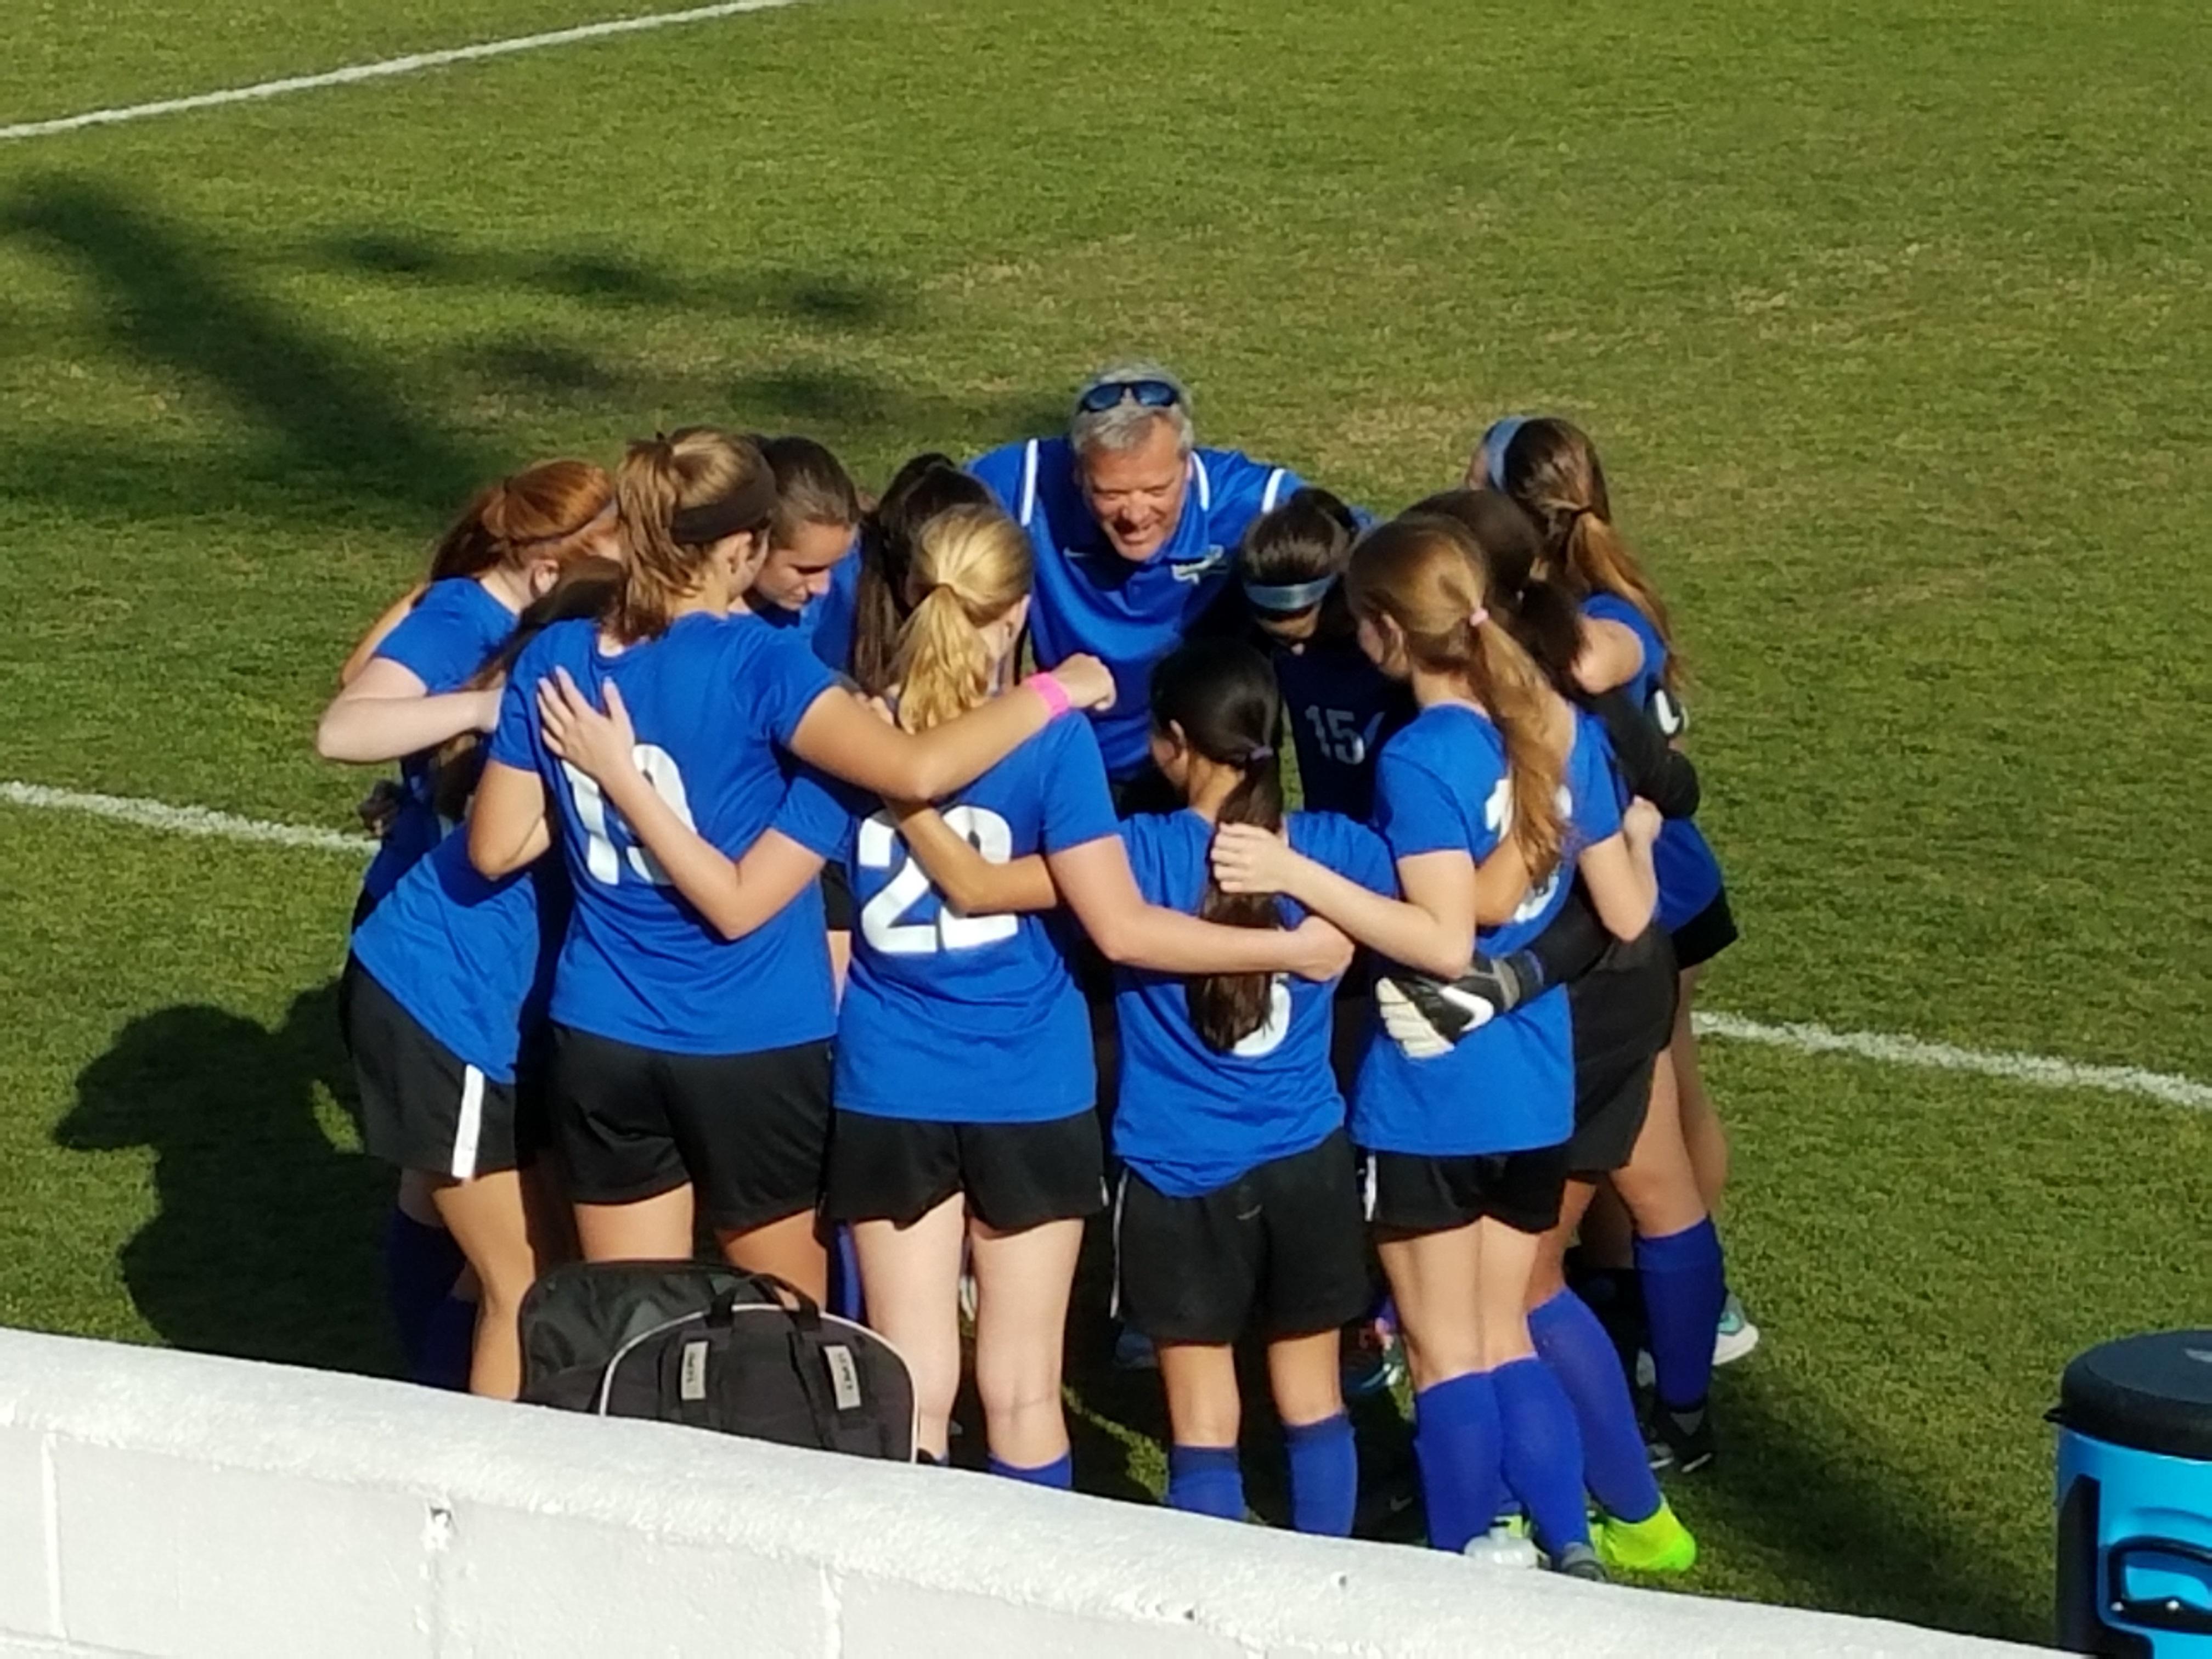 G Soccer Team Huddle